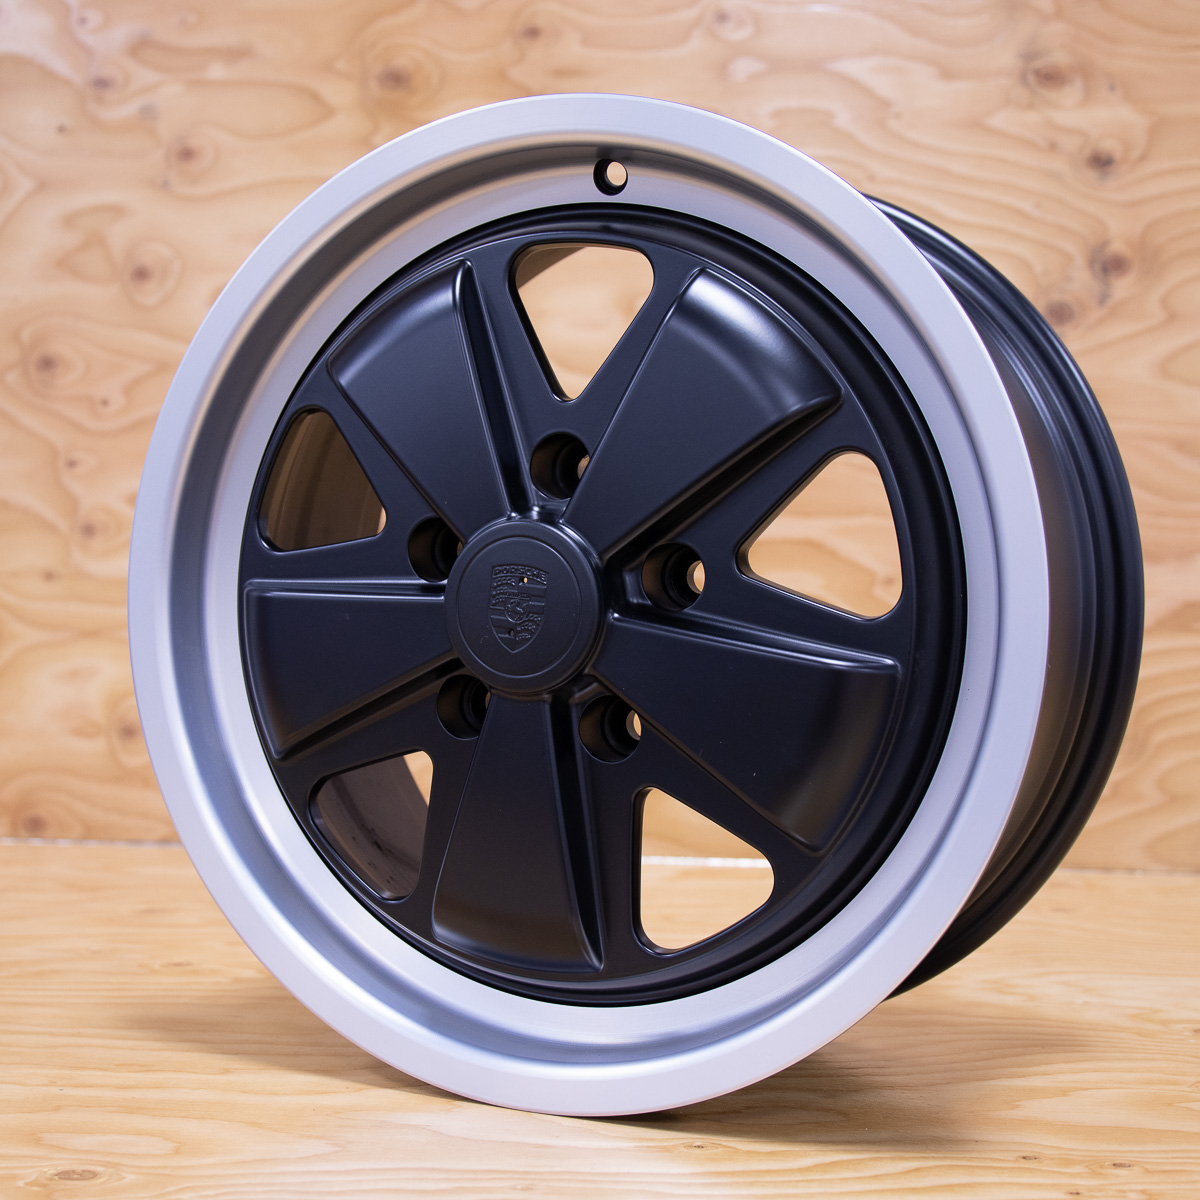 Fuchs 18 Inch Black Face Wheels For Porsche Service Auto Premium